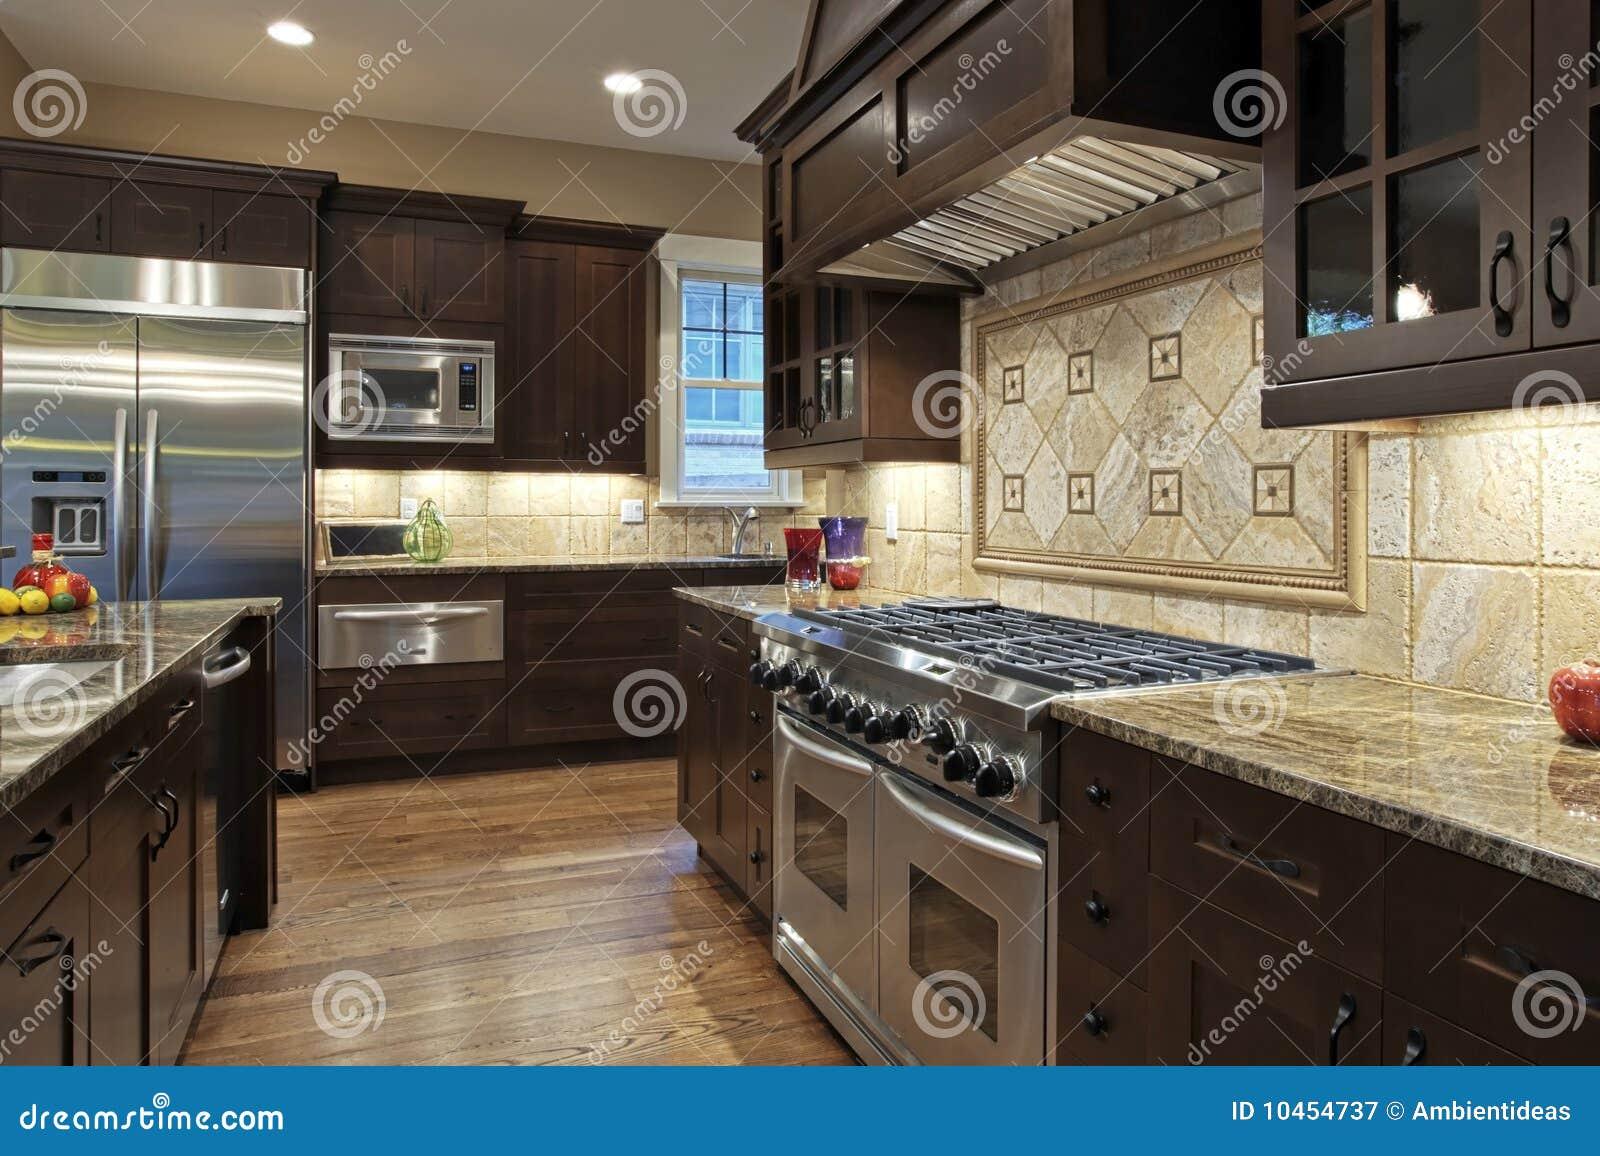 Cozinha Luxuosa Fotografia de Stock Royalty Free Imagem: 10454737 #82A328 1300 956